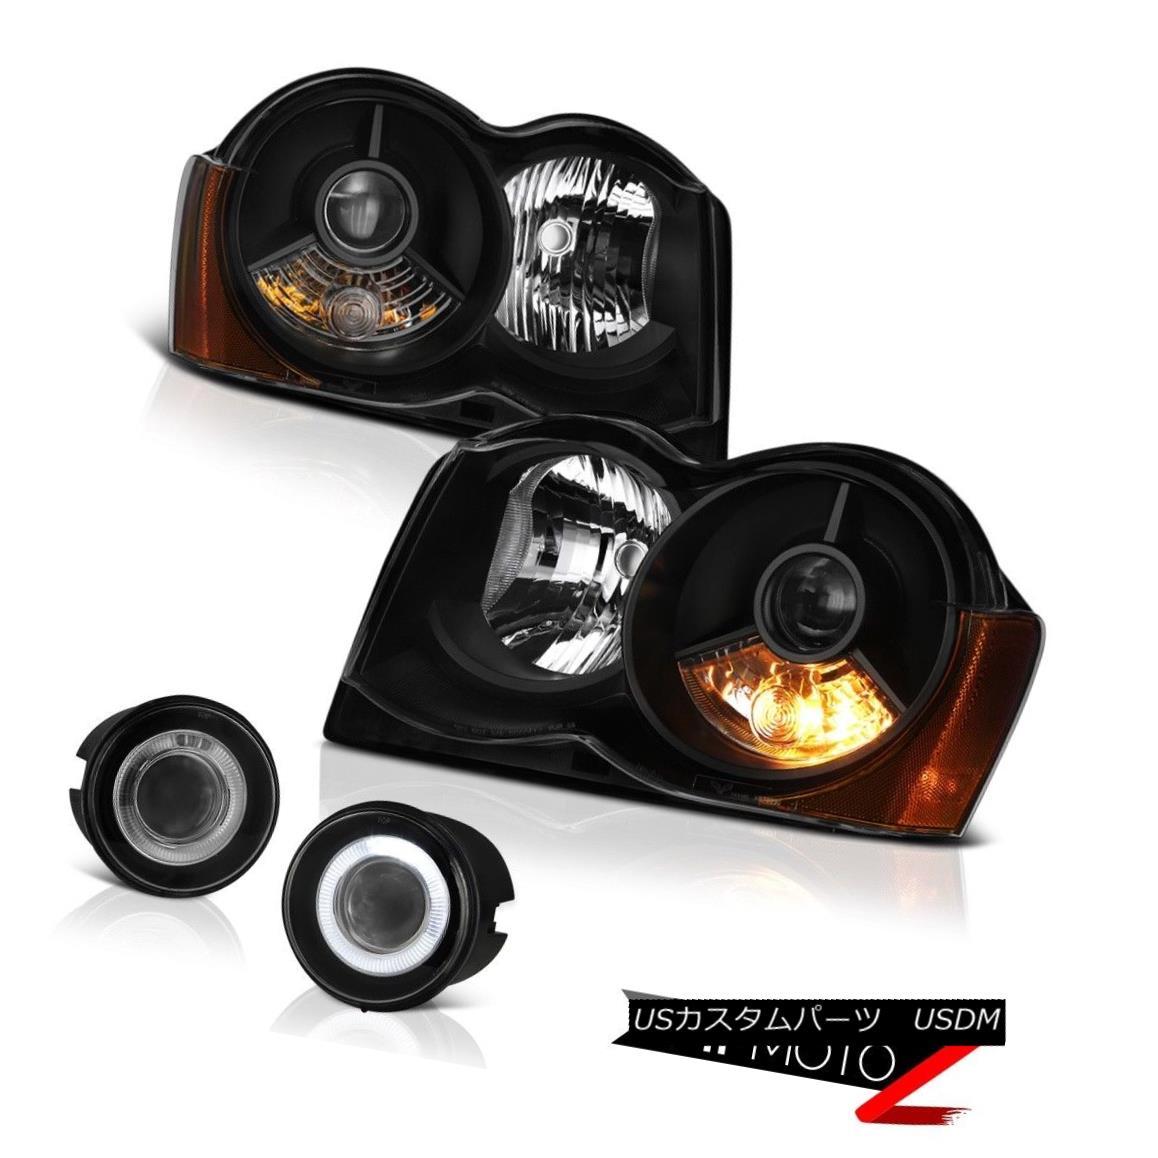 ヘッドライト 08-10 Jeep Grand Cherokee Laredo Infinity Black Headlights Euro Clear Fog Lamps 08-10ジープグランドチェロキーラレドインフィニティブラックヘッドライトユーロクリアフォグランプ